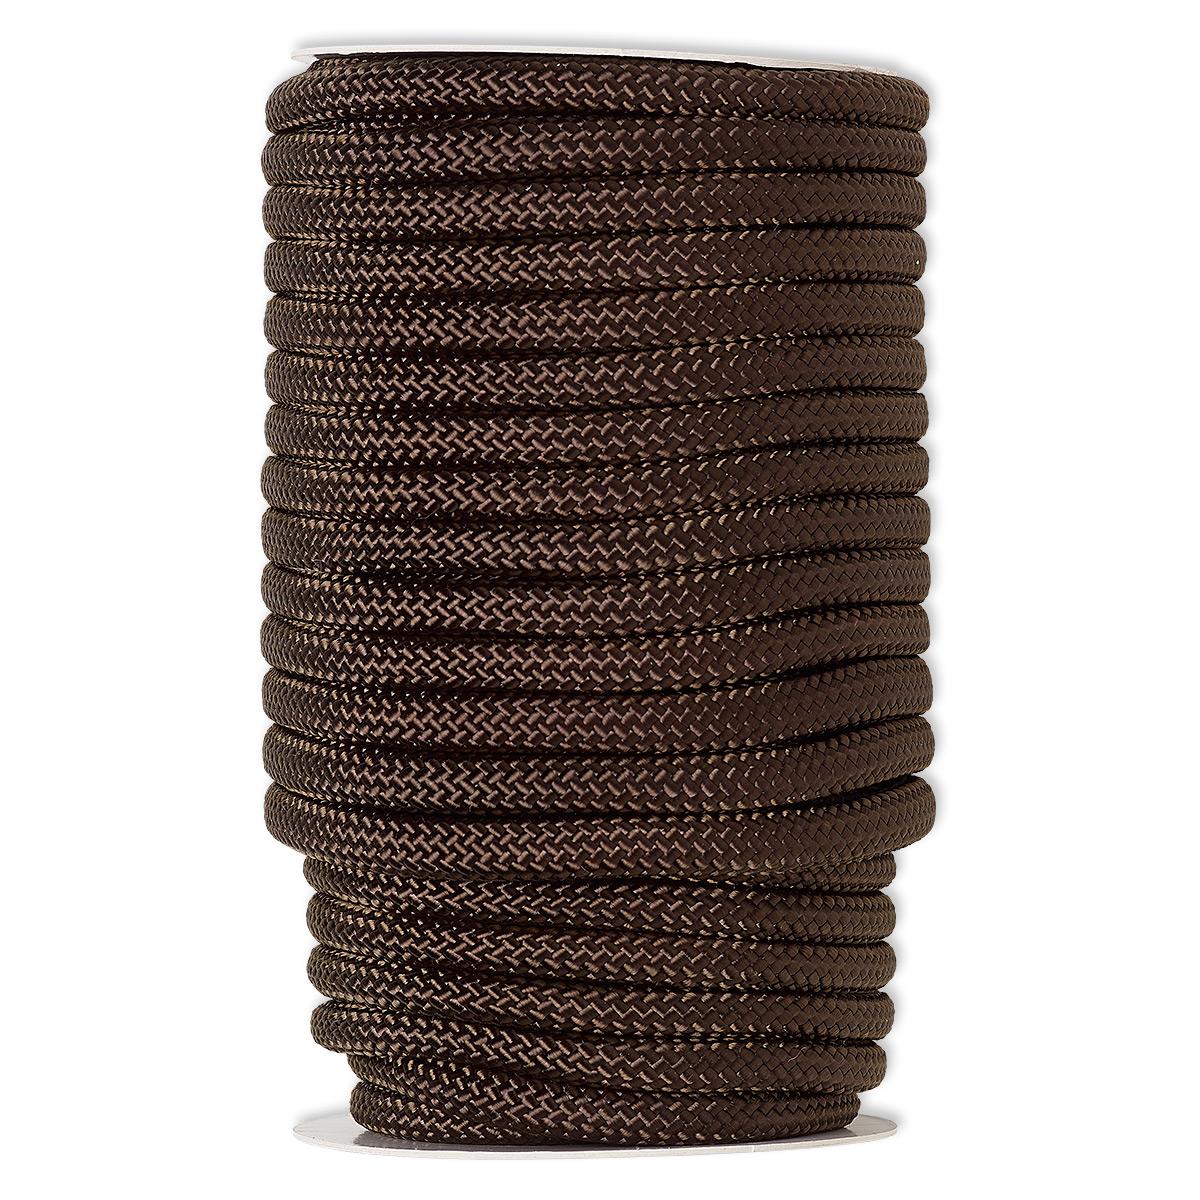 Шнур текстильный 8мм ткани купить в москве в розницу со склада